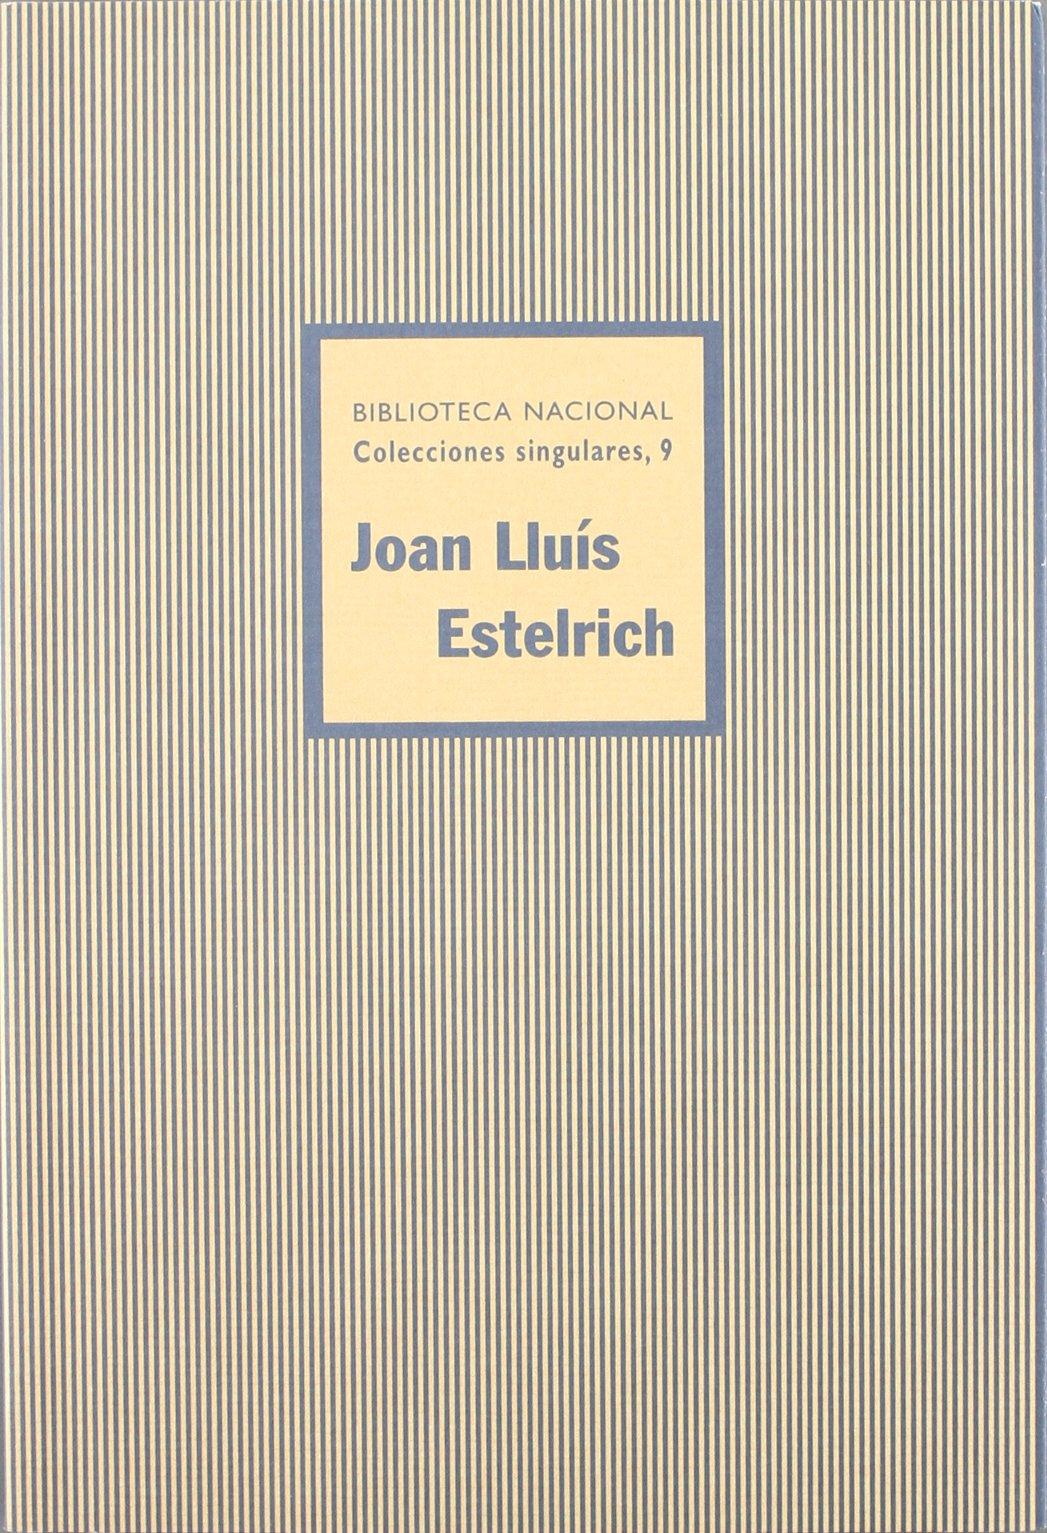 Joan Lluís Estelrich i Perelló. Inventario de su archivo personal Colecciones singulares de la Biblioteca Nacional: Amazon.es: Estelrich, Joan Lluis: Libros